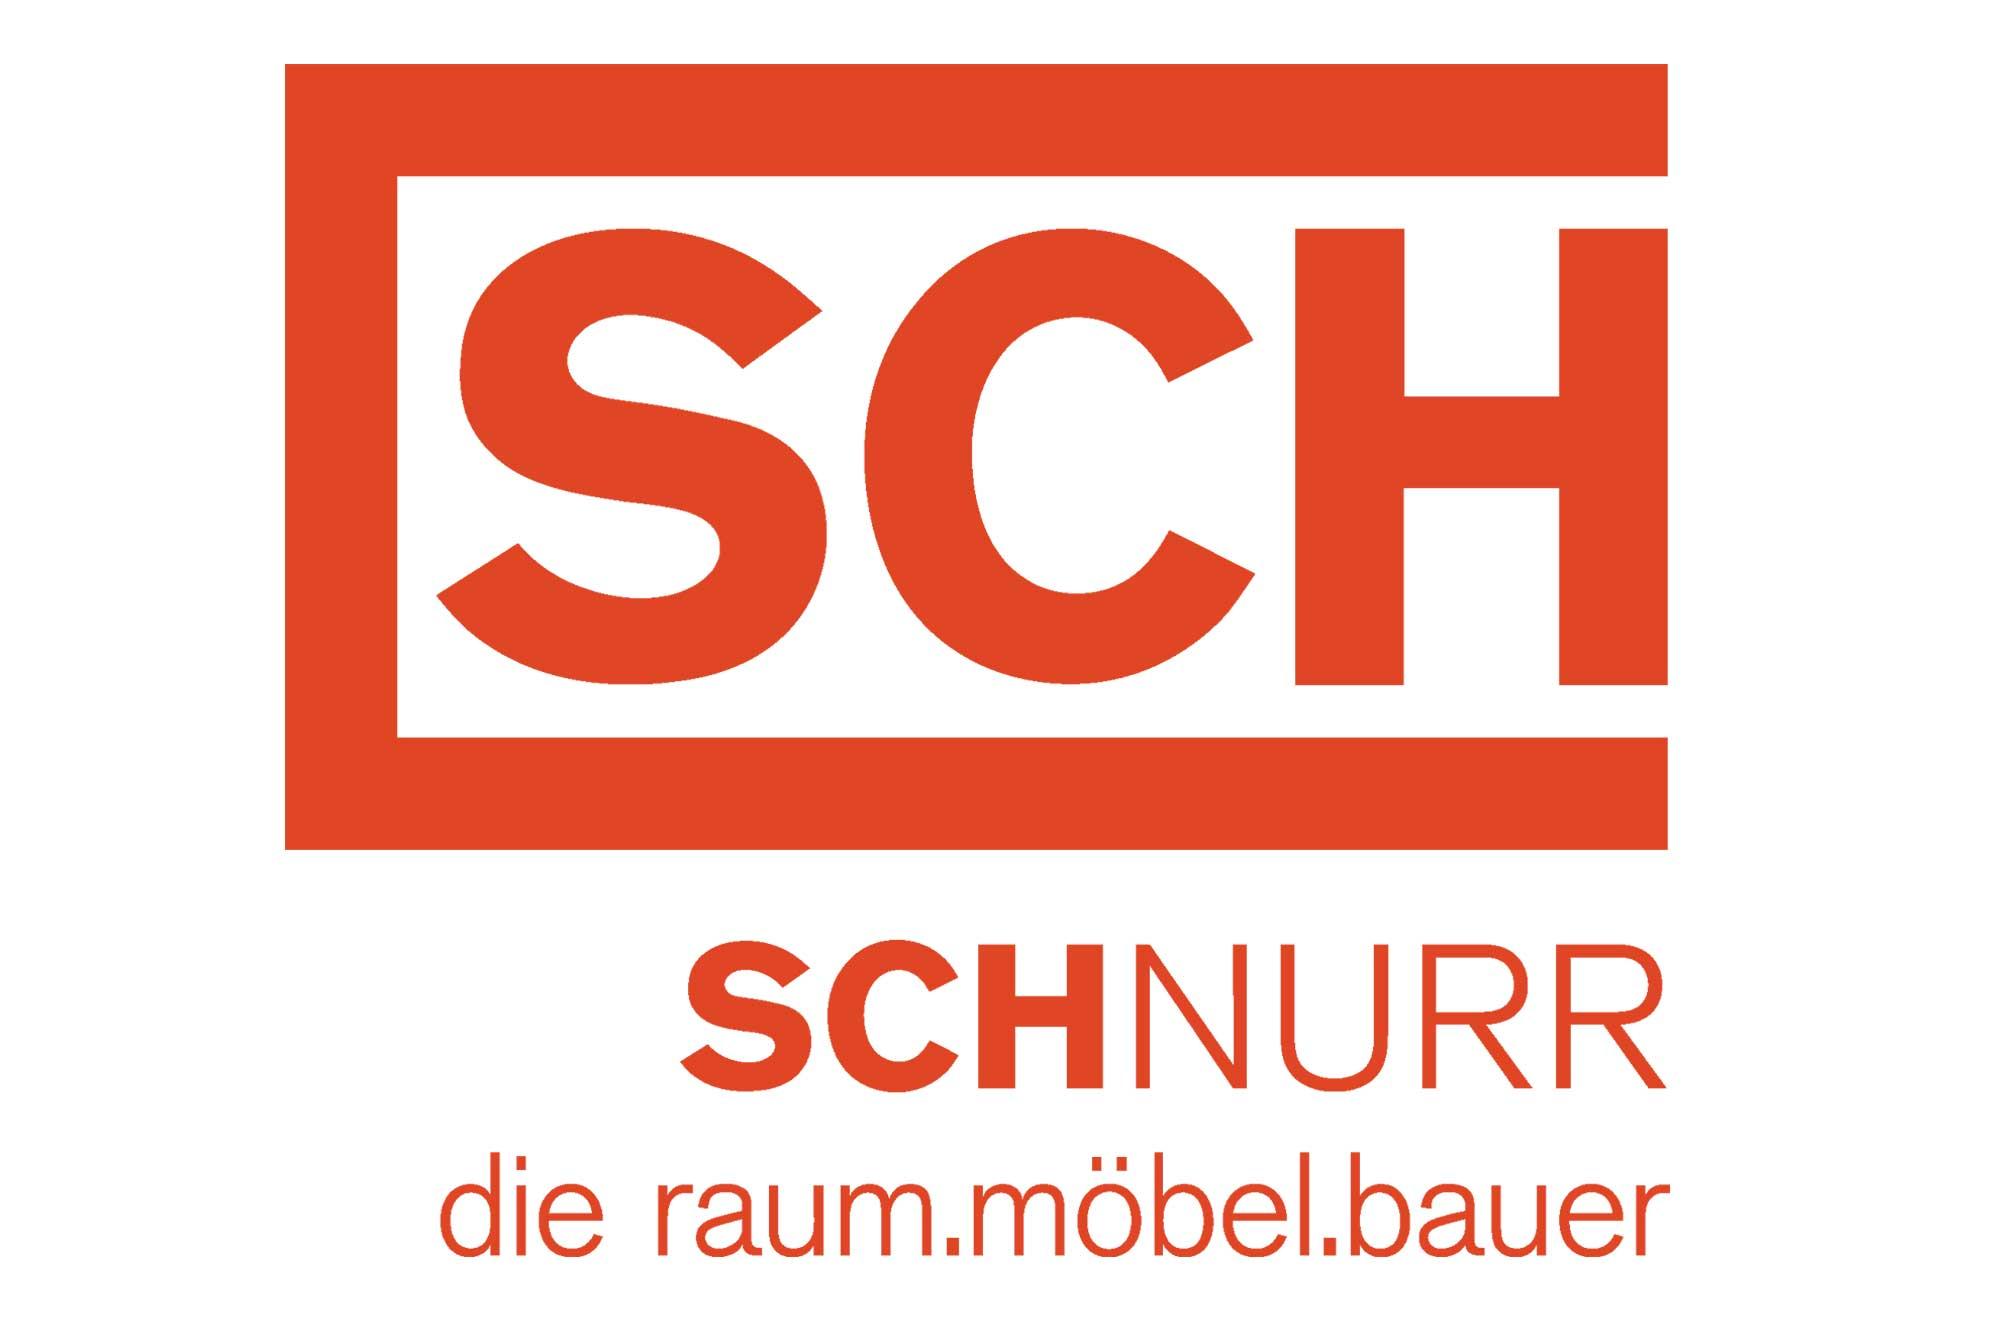 jundh-freiburg-schnurr-logo-referenz-weis-bg